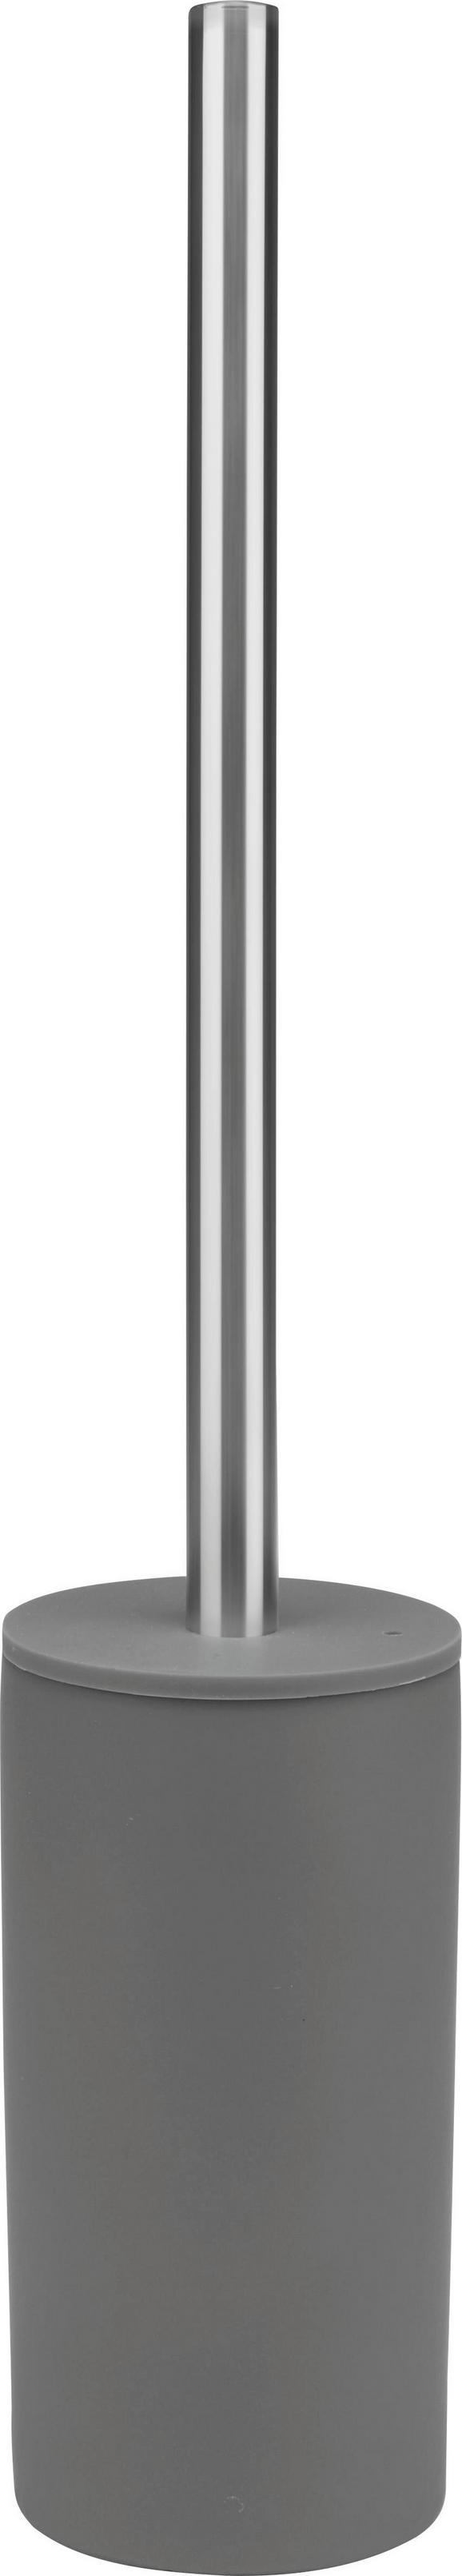 Wc-ščetka Melanie - Konvencionalno, kovina/umetna masa (8/45cm) - Mömax modern living